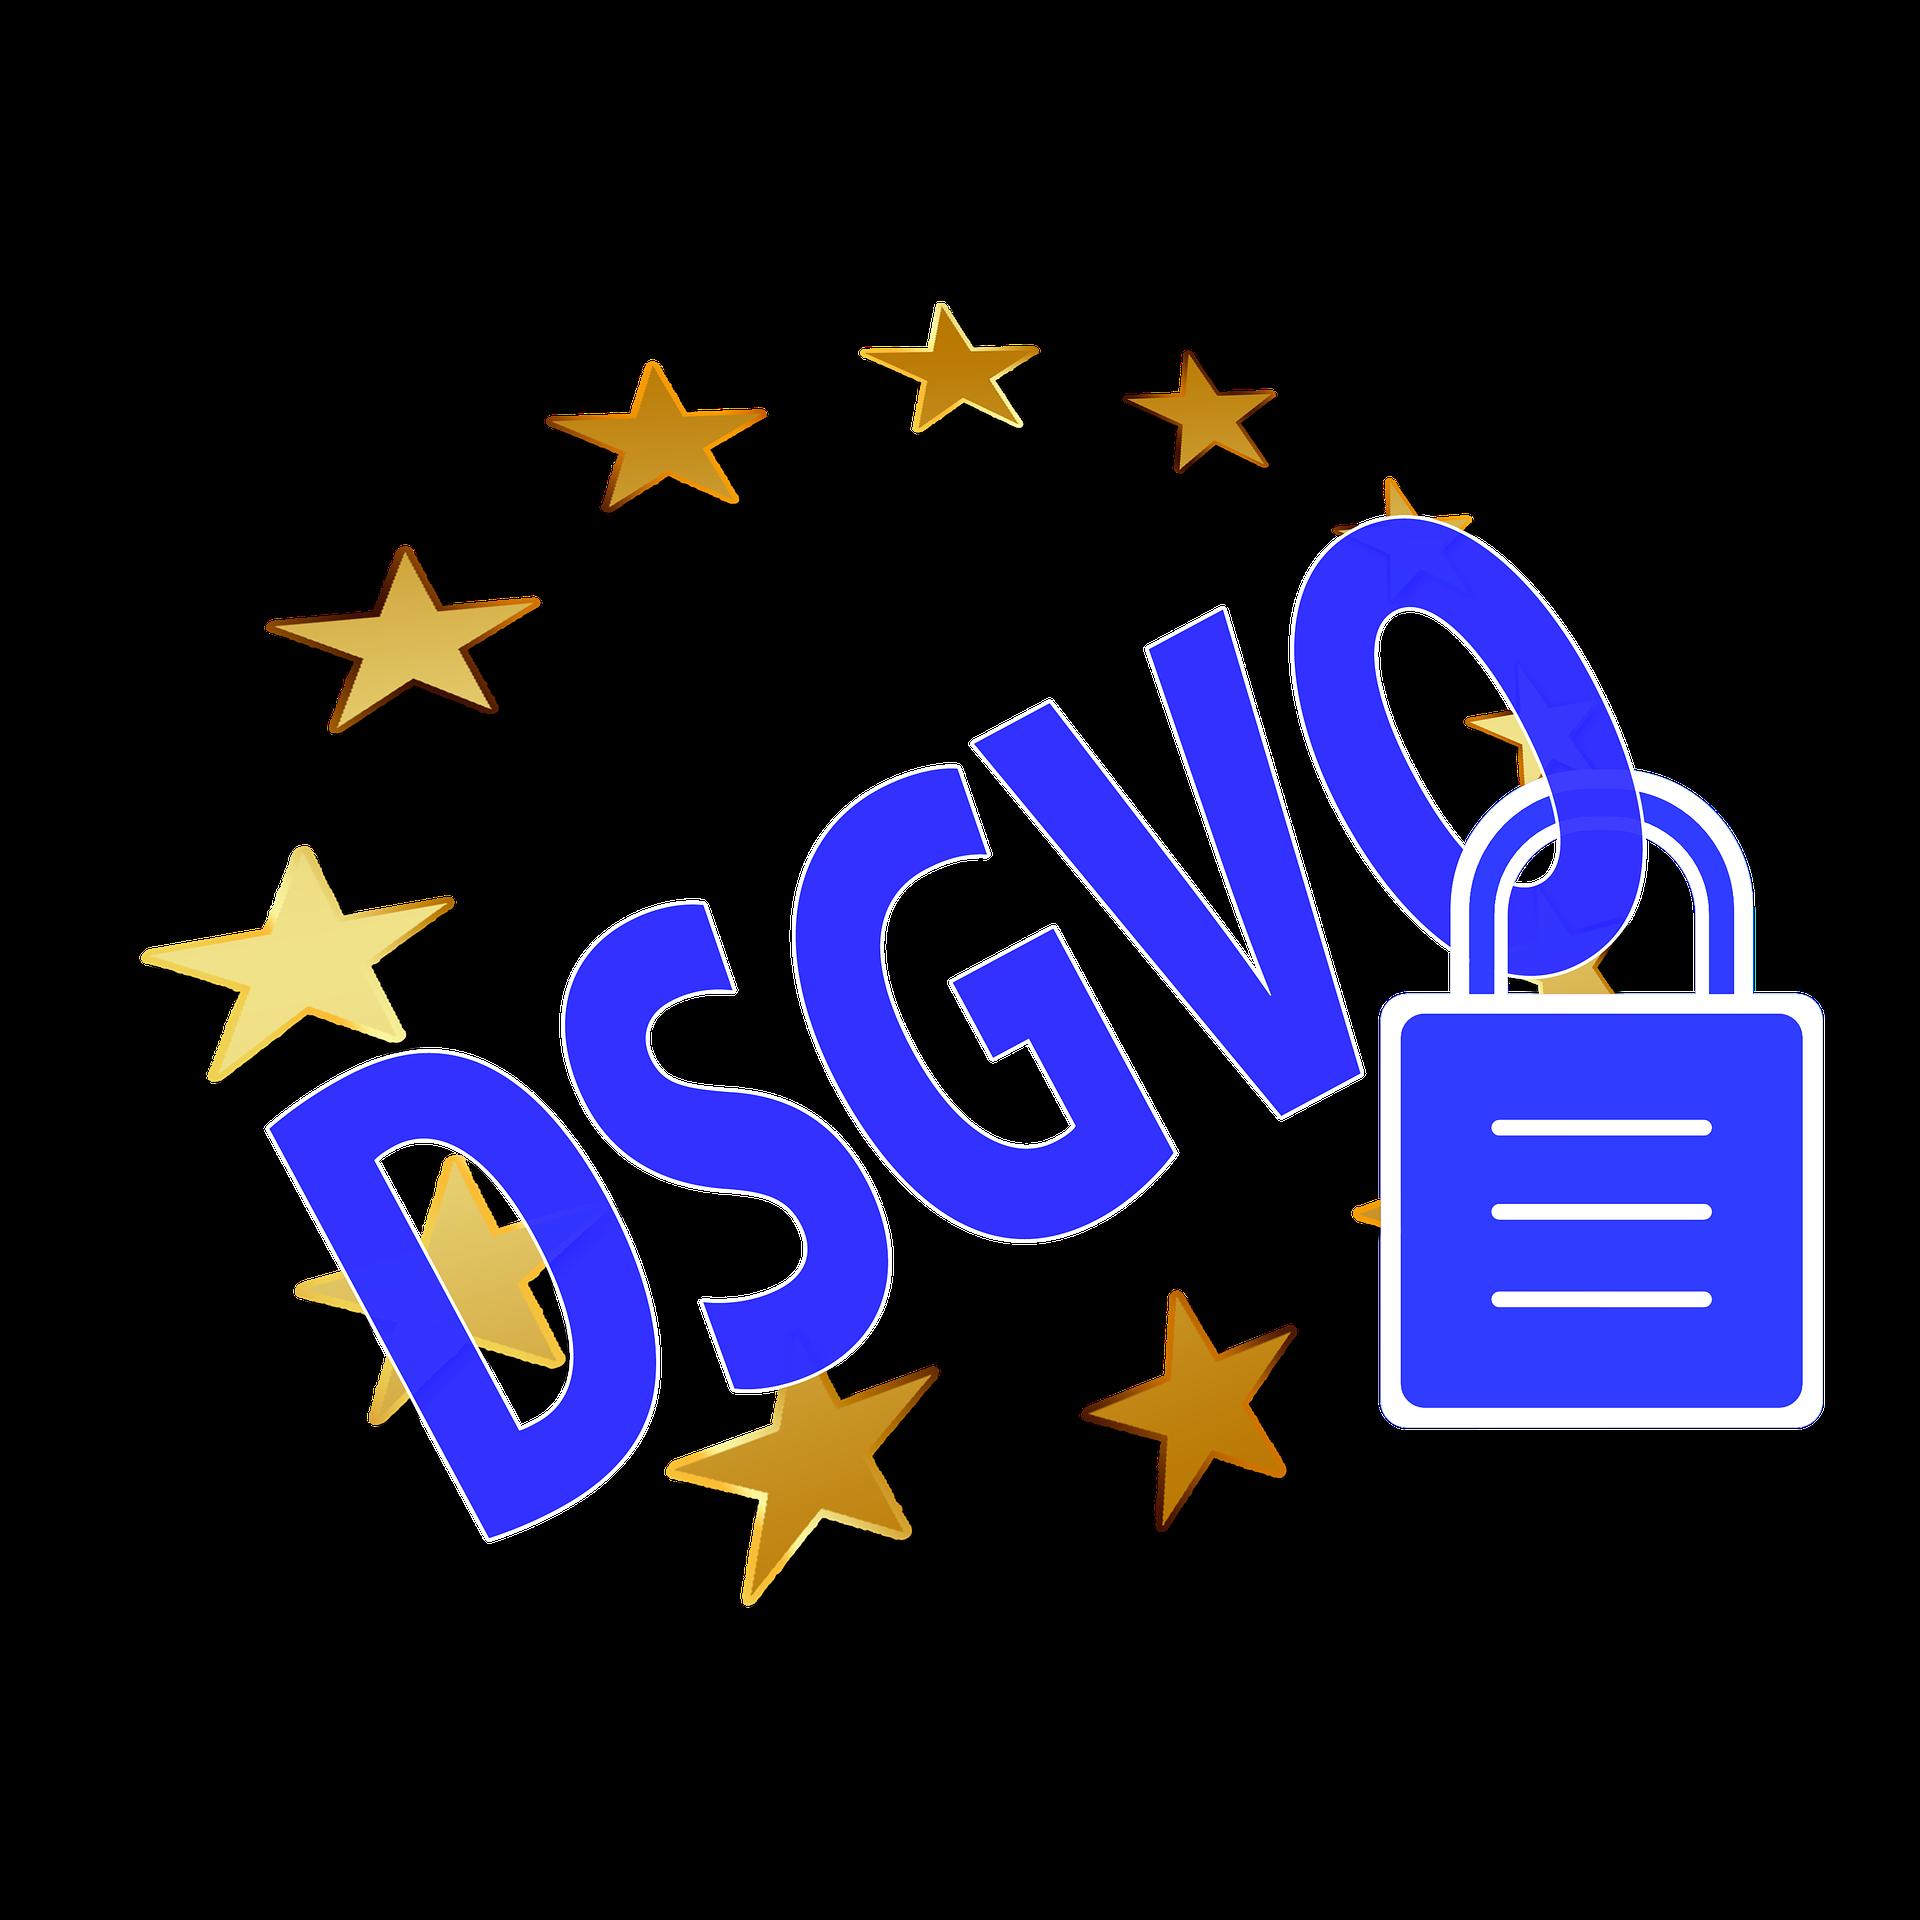 Neue Datenschutz-Grundverordnung (DSGVO) ab 25.05.2018